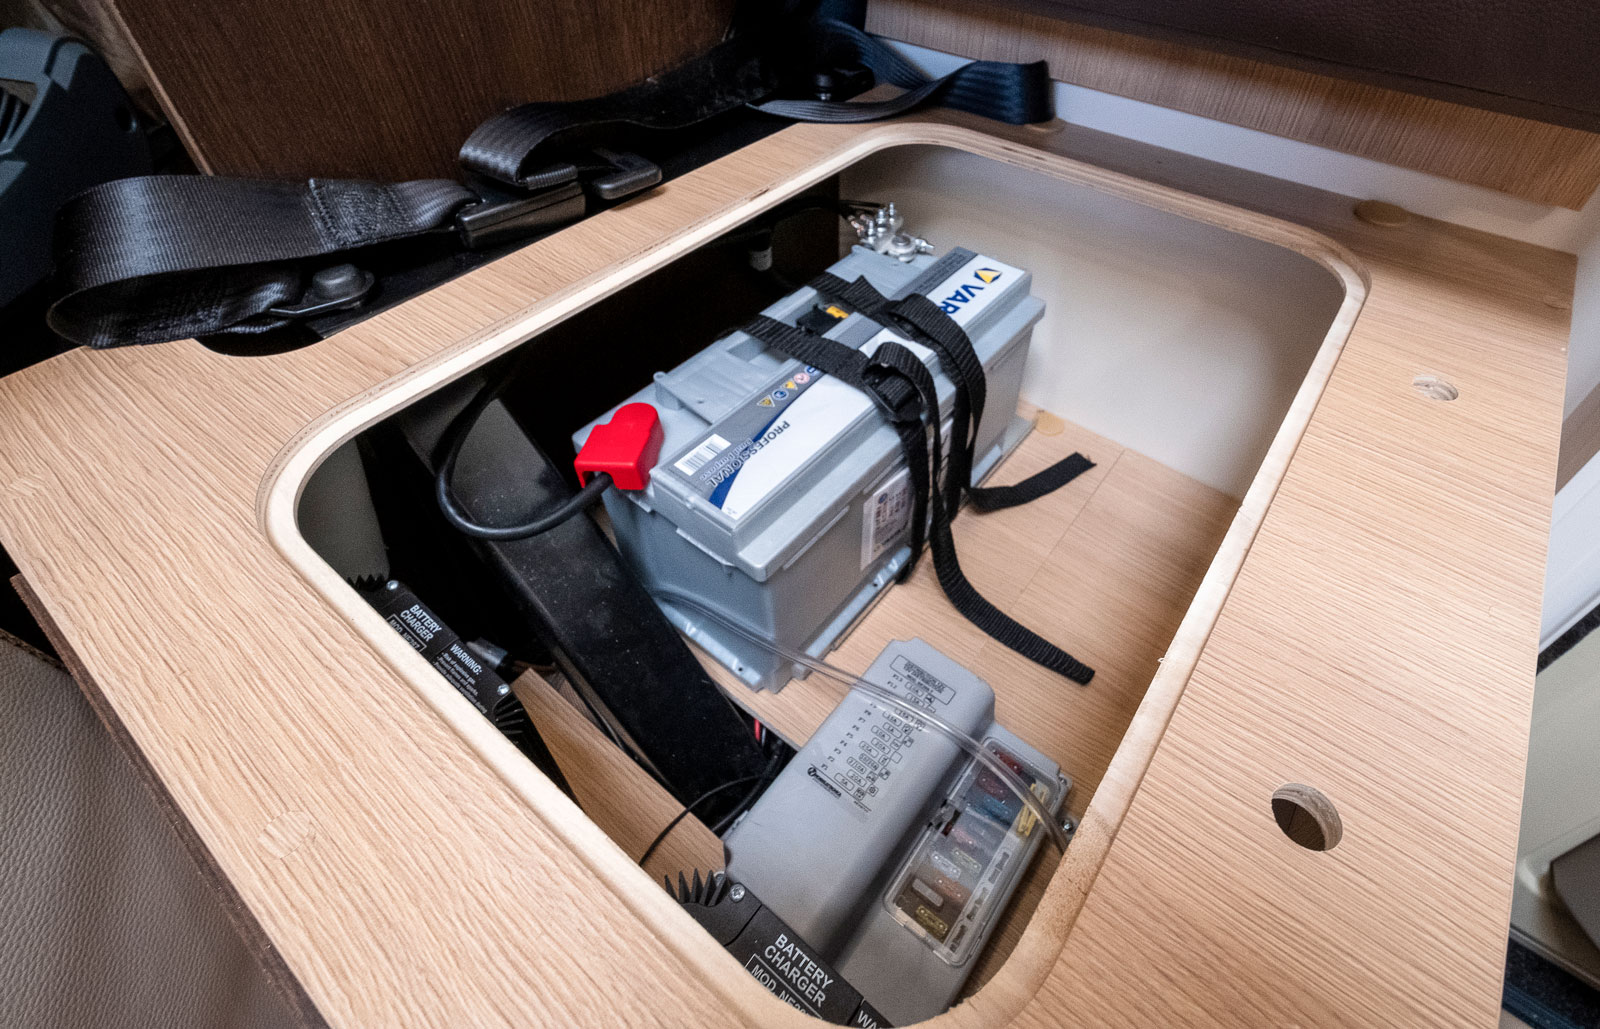 Bodelsbatteri och elcentral är placerade under den lilla soffstumpen innanför bodelsdörren.